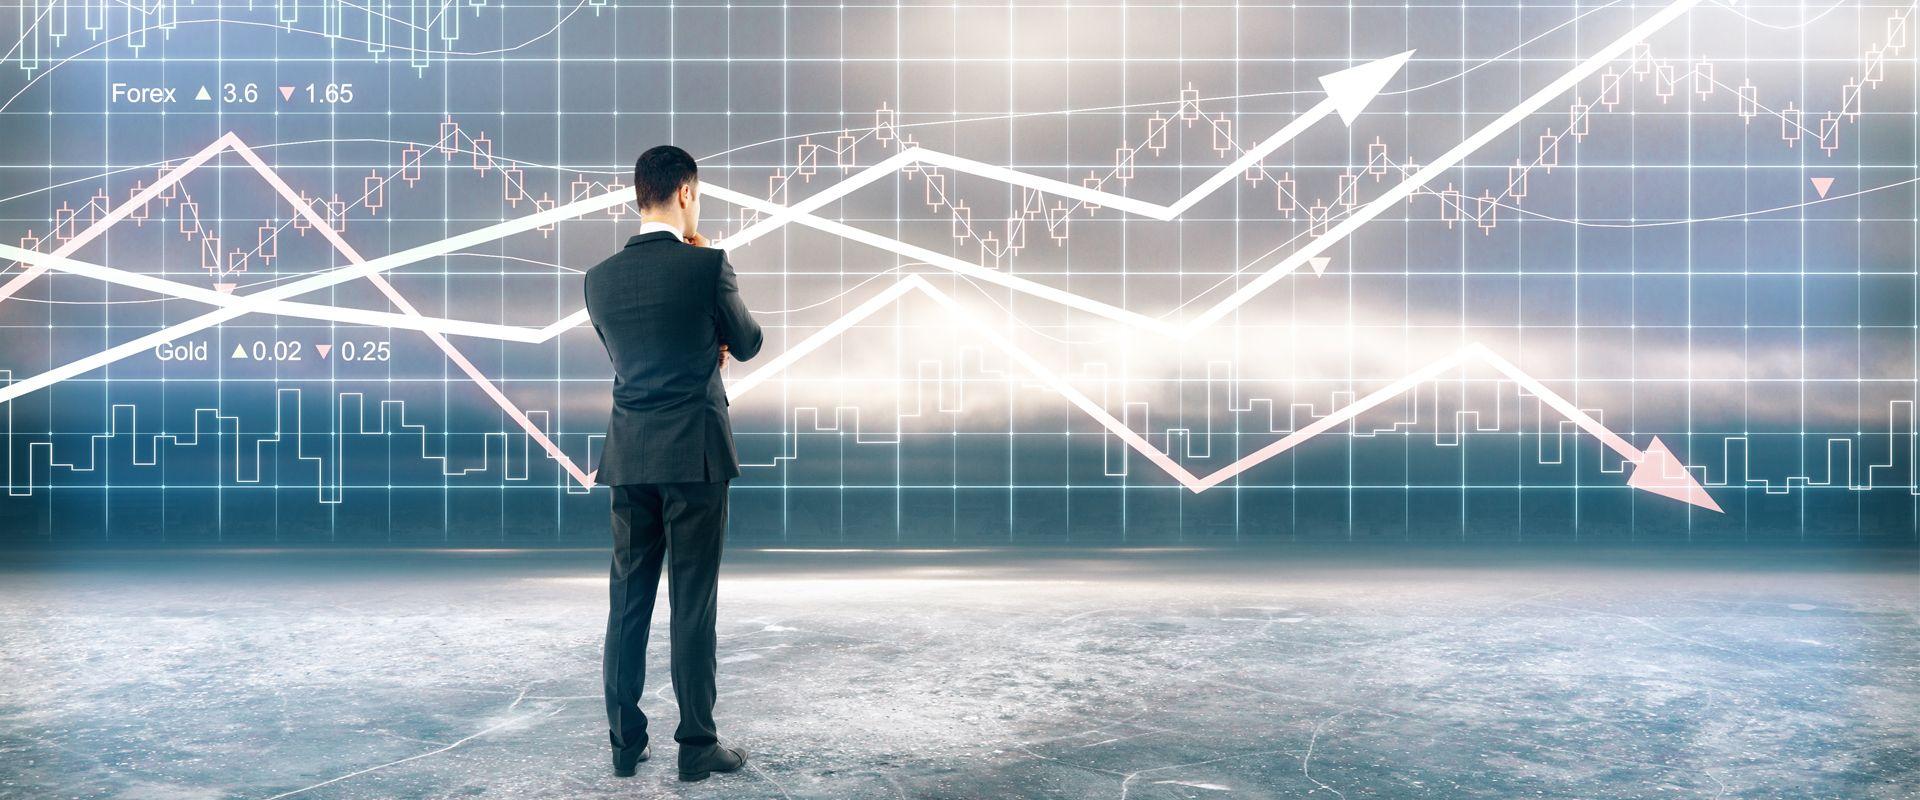 """疫情冲击全球市场!富时A50大跌超3%,日欧股市及原油集体重挫,黄金再成""""避风港"""""""